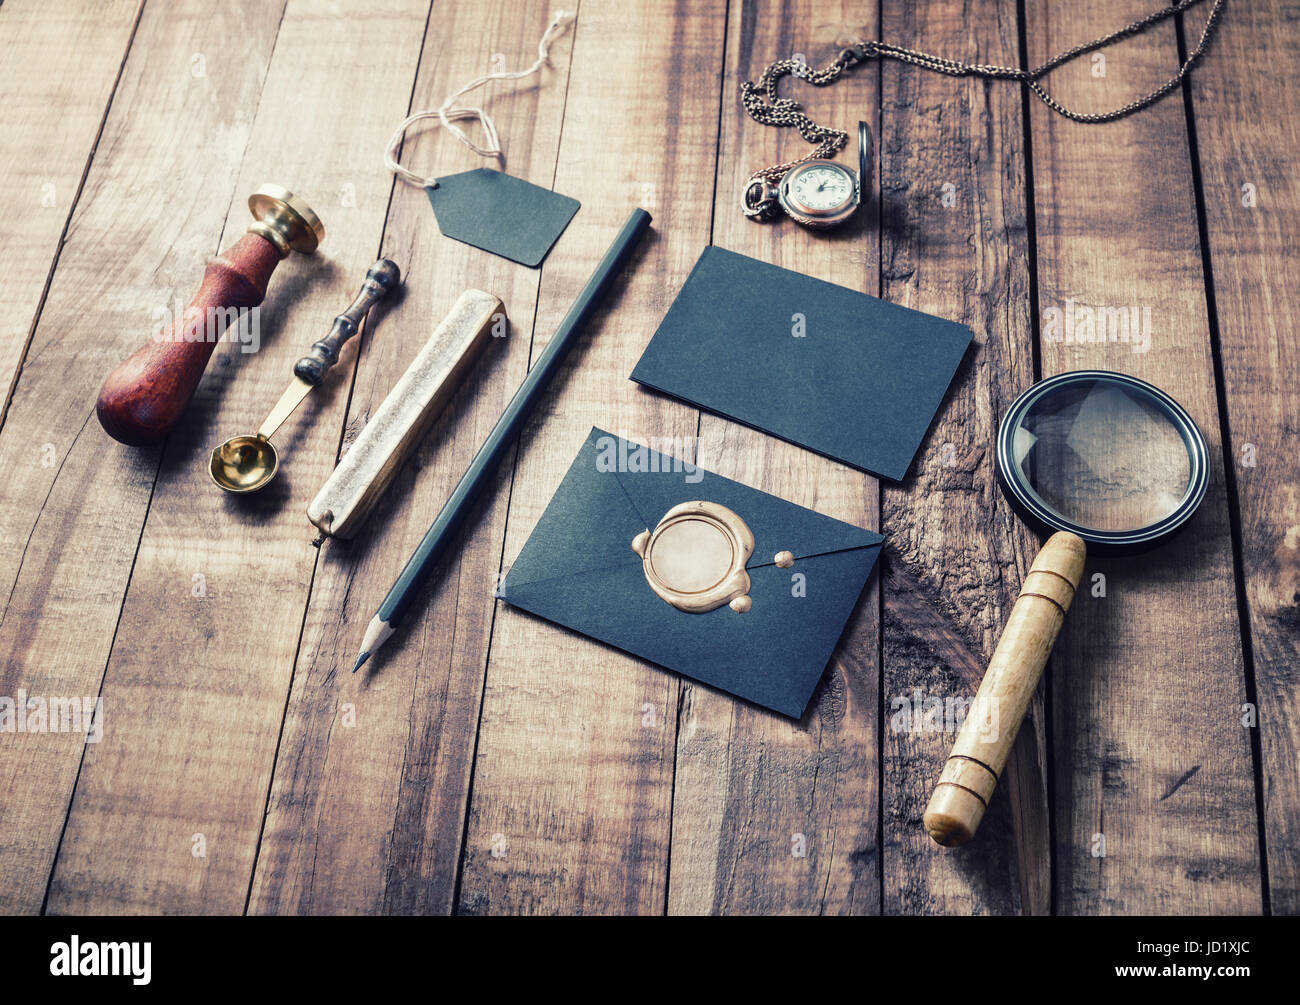 Vintage Stillleben. Briefpapier auf Holz Hintergrund gesetzt. Ansprechende Design-Mock-up für die Platzierung Ihrer Gestaltung. Stockfoto